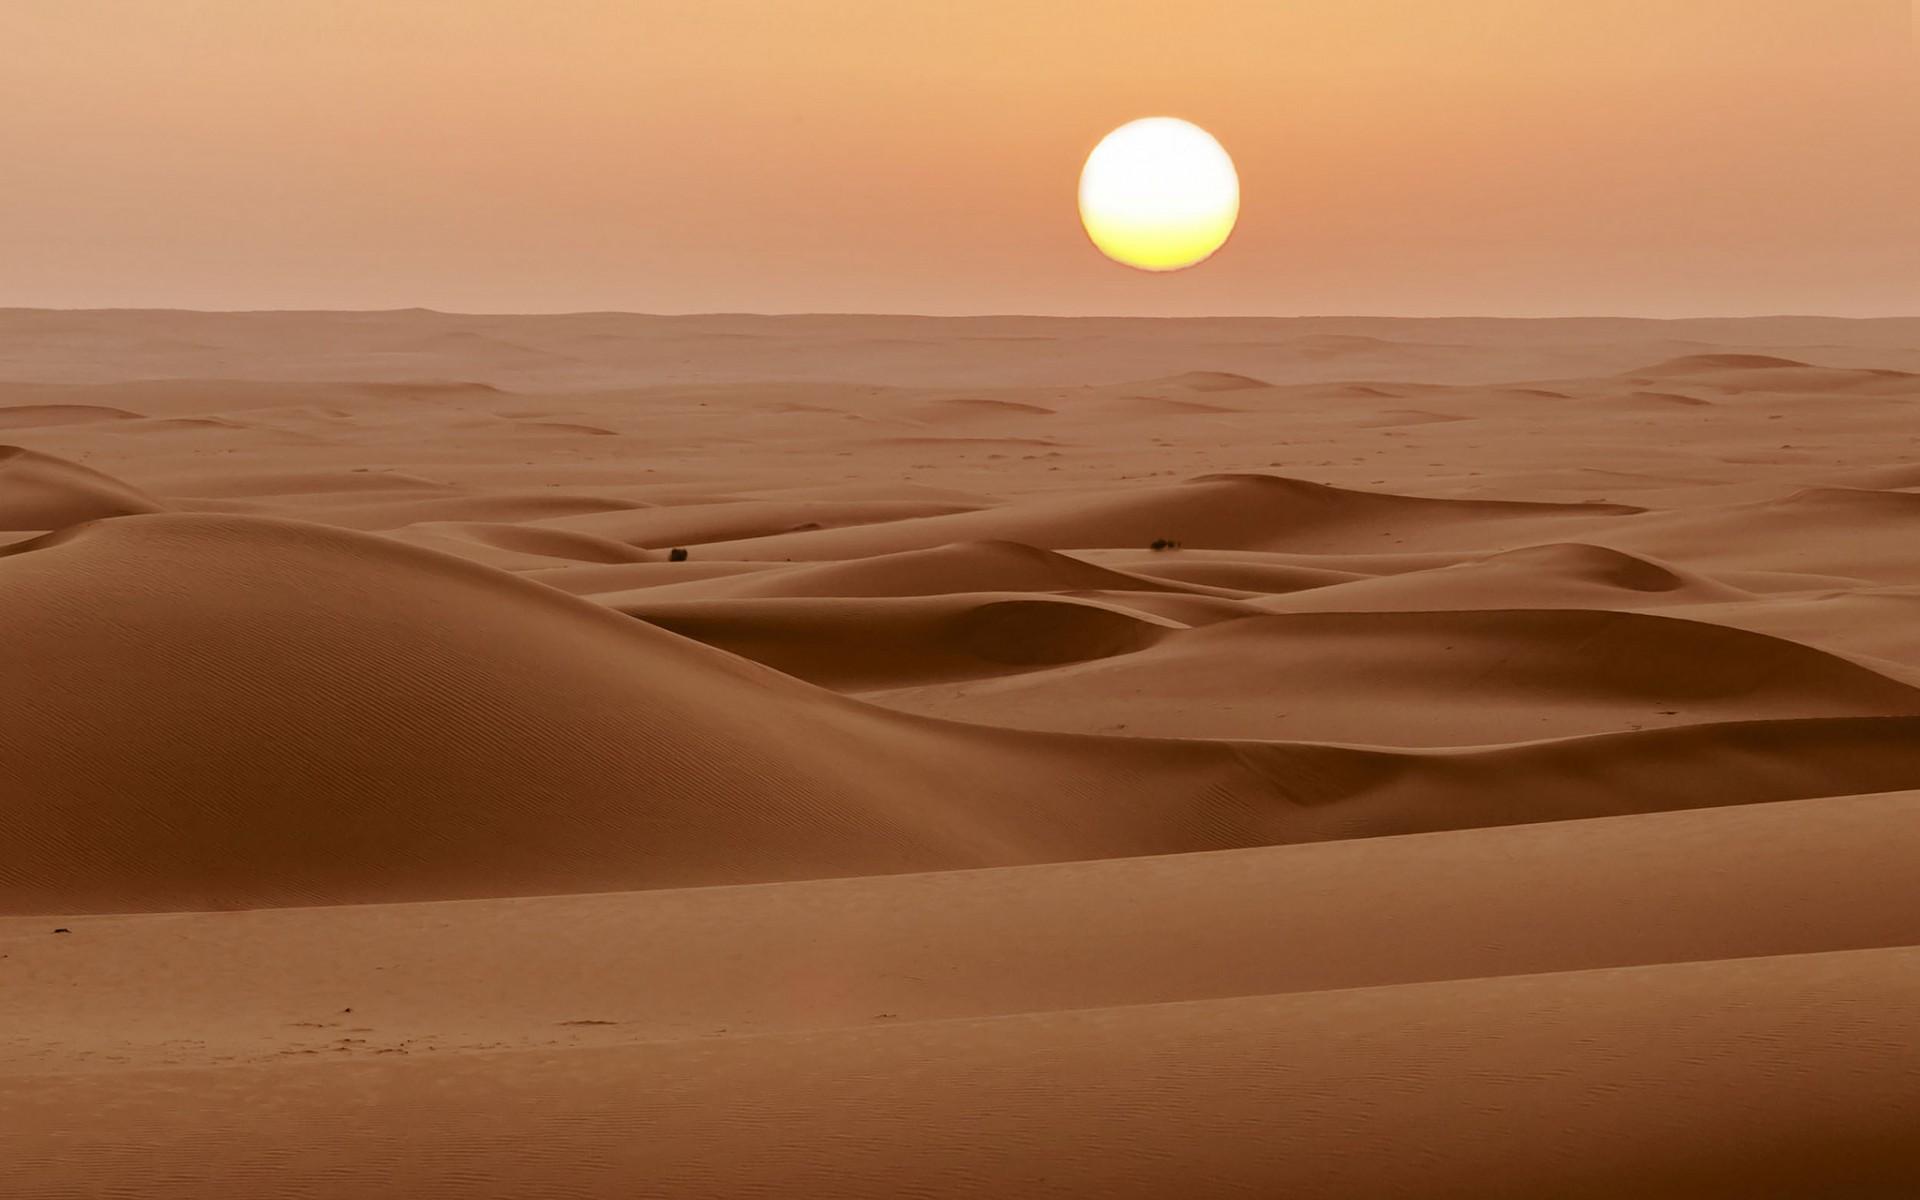 пустыня, песок, дюны